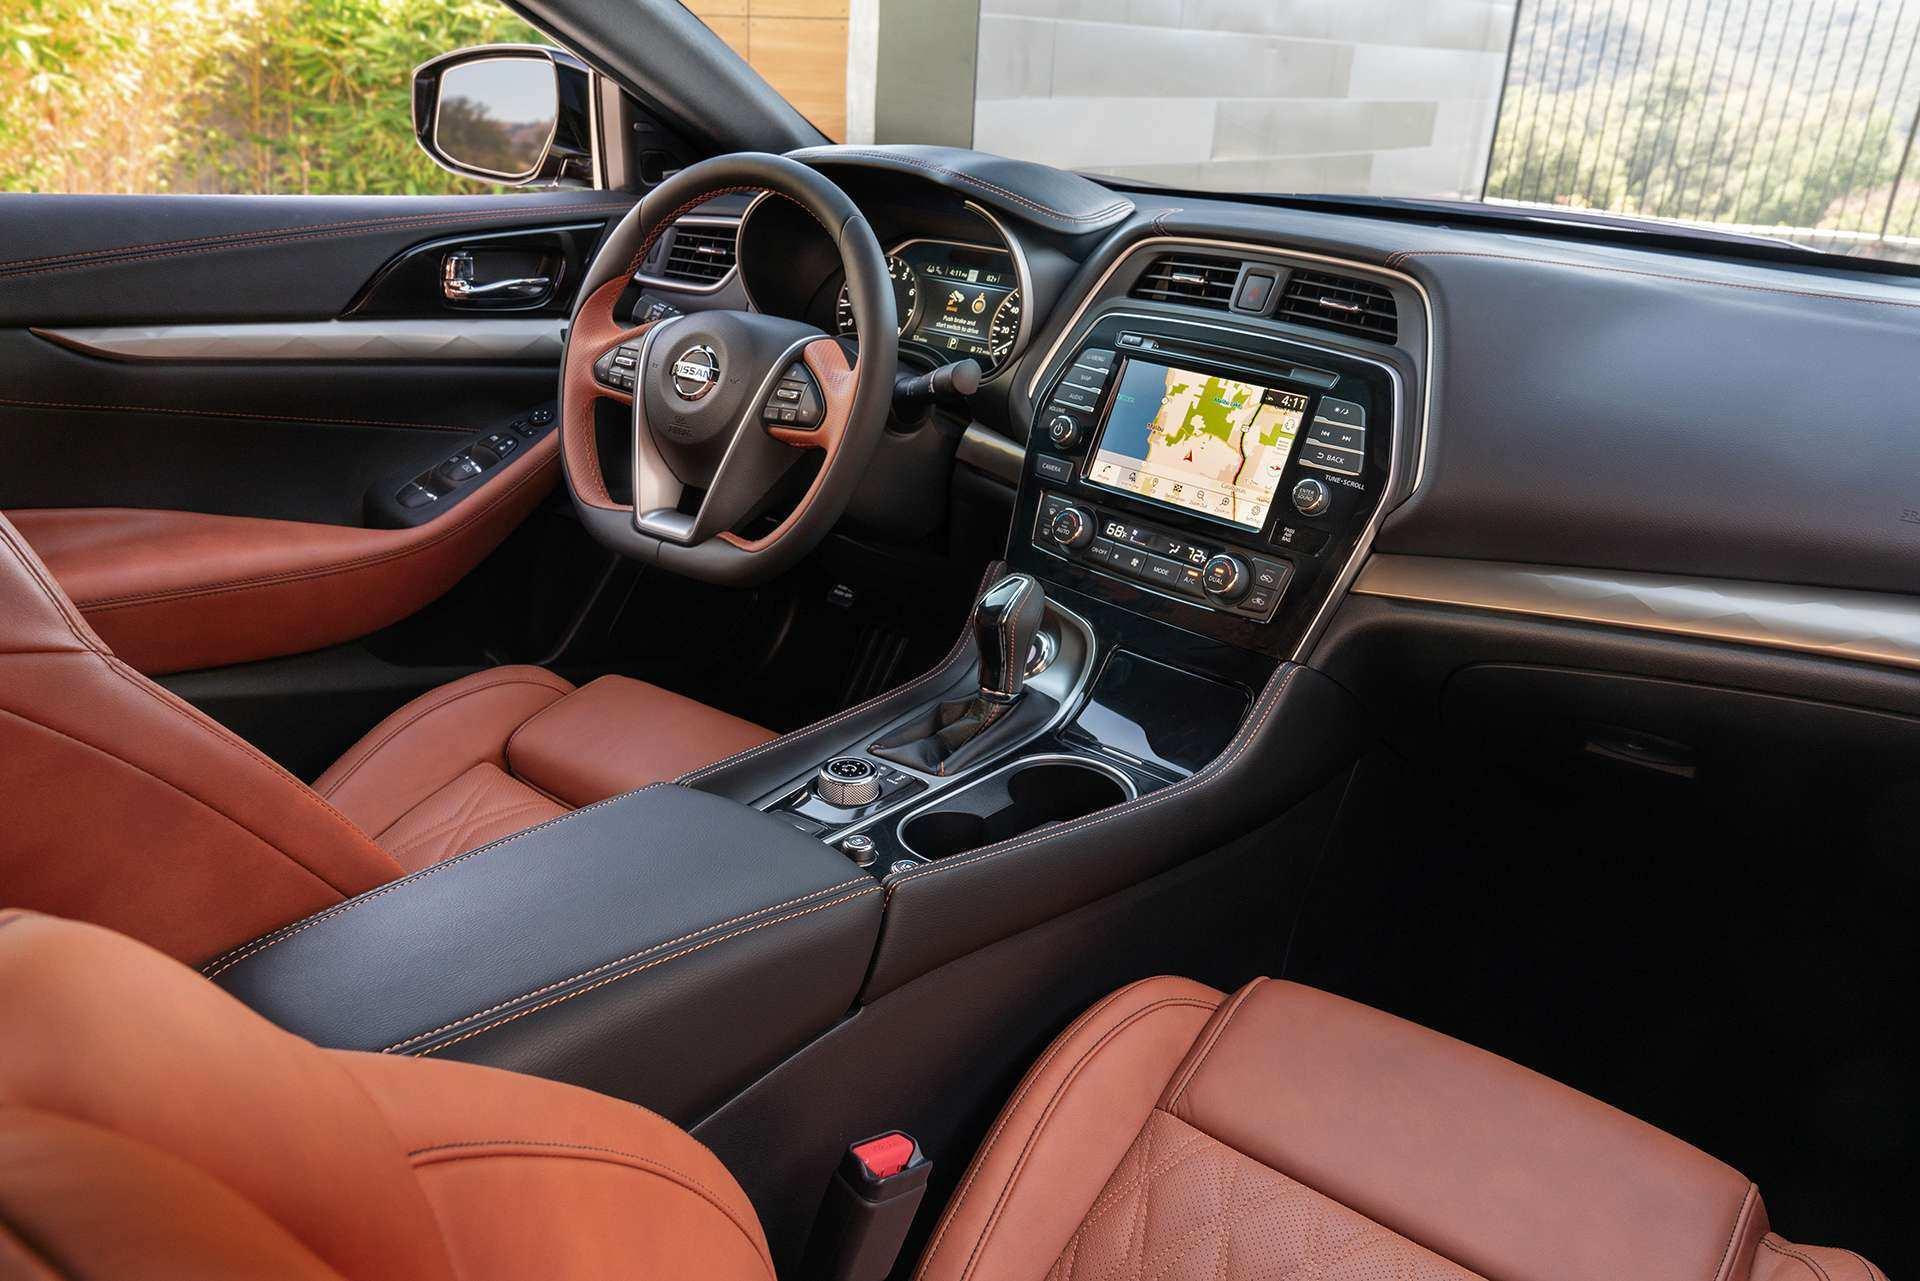 61 Concept of 2019 Nissan Maxima Platinum Speed Test with 2019 Nissan Maxima Platinum